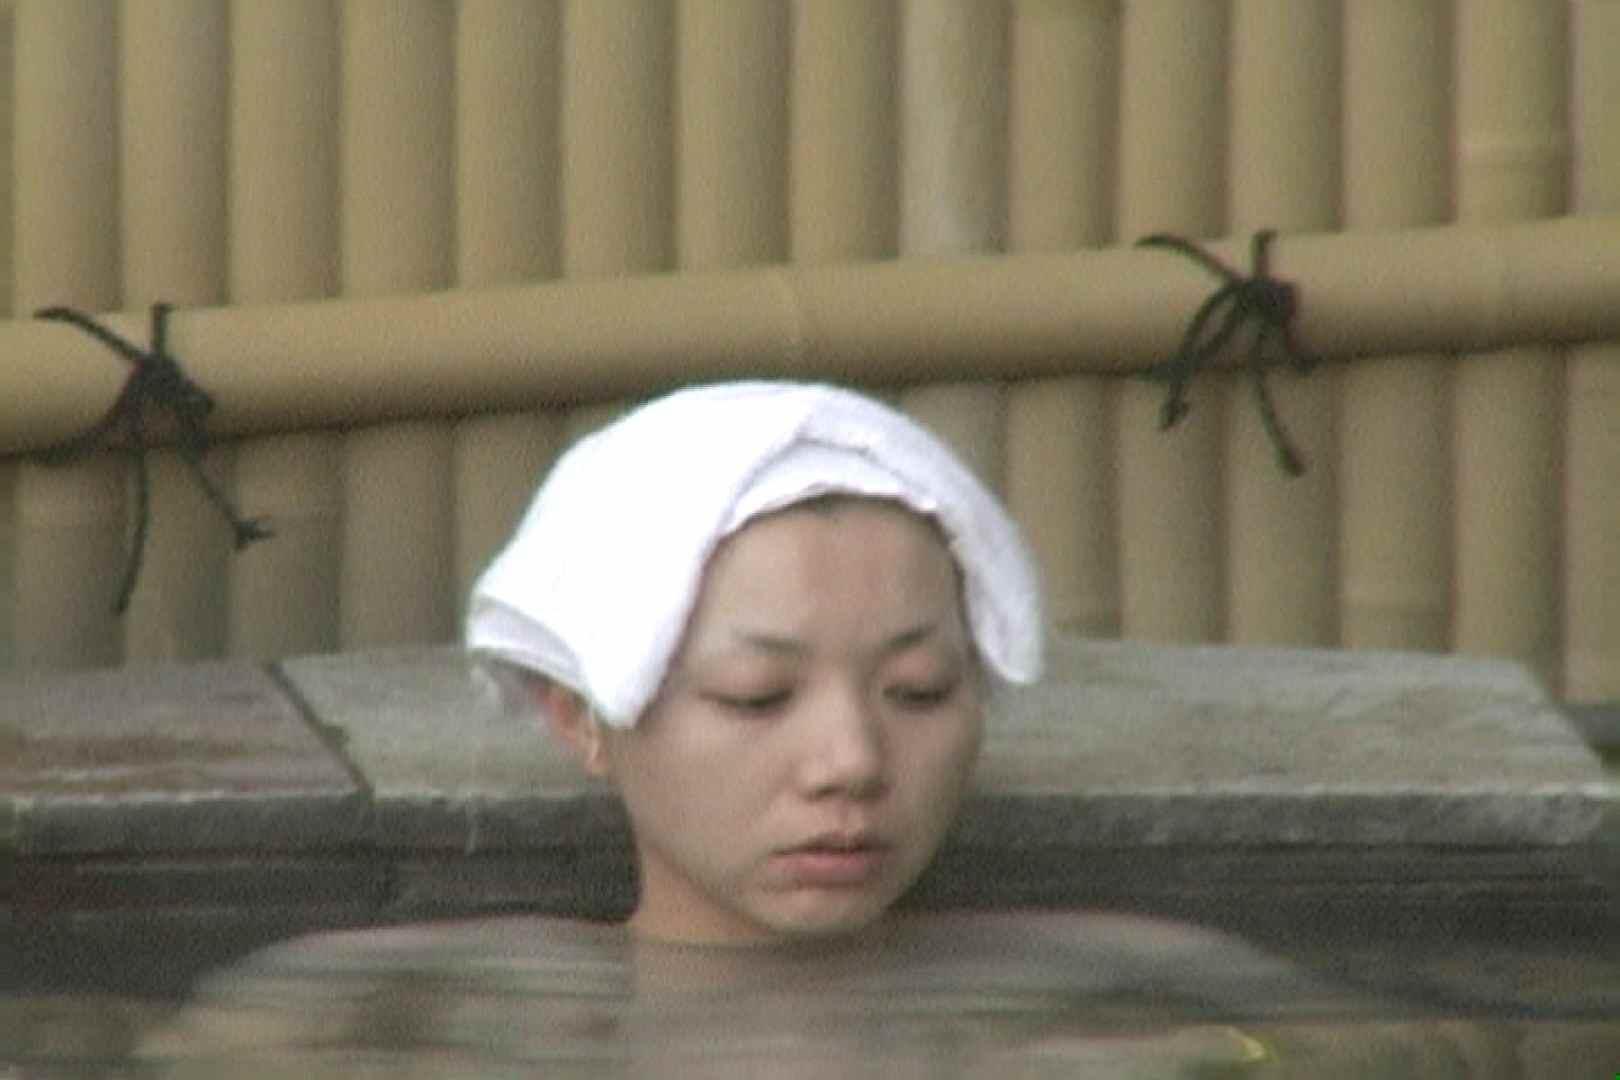 Aquaな露天風呂Vol.630 OLエロ画像 | 盗撮  110PICs 34